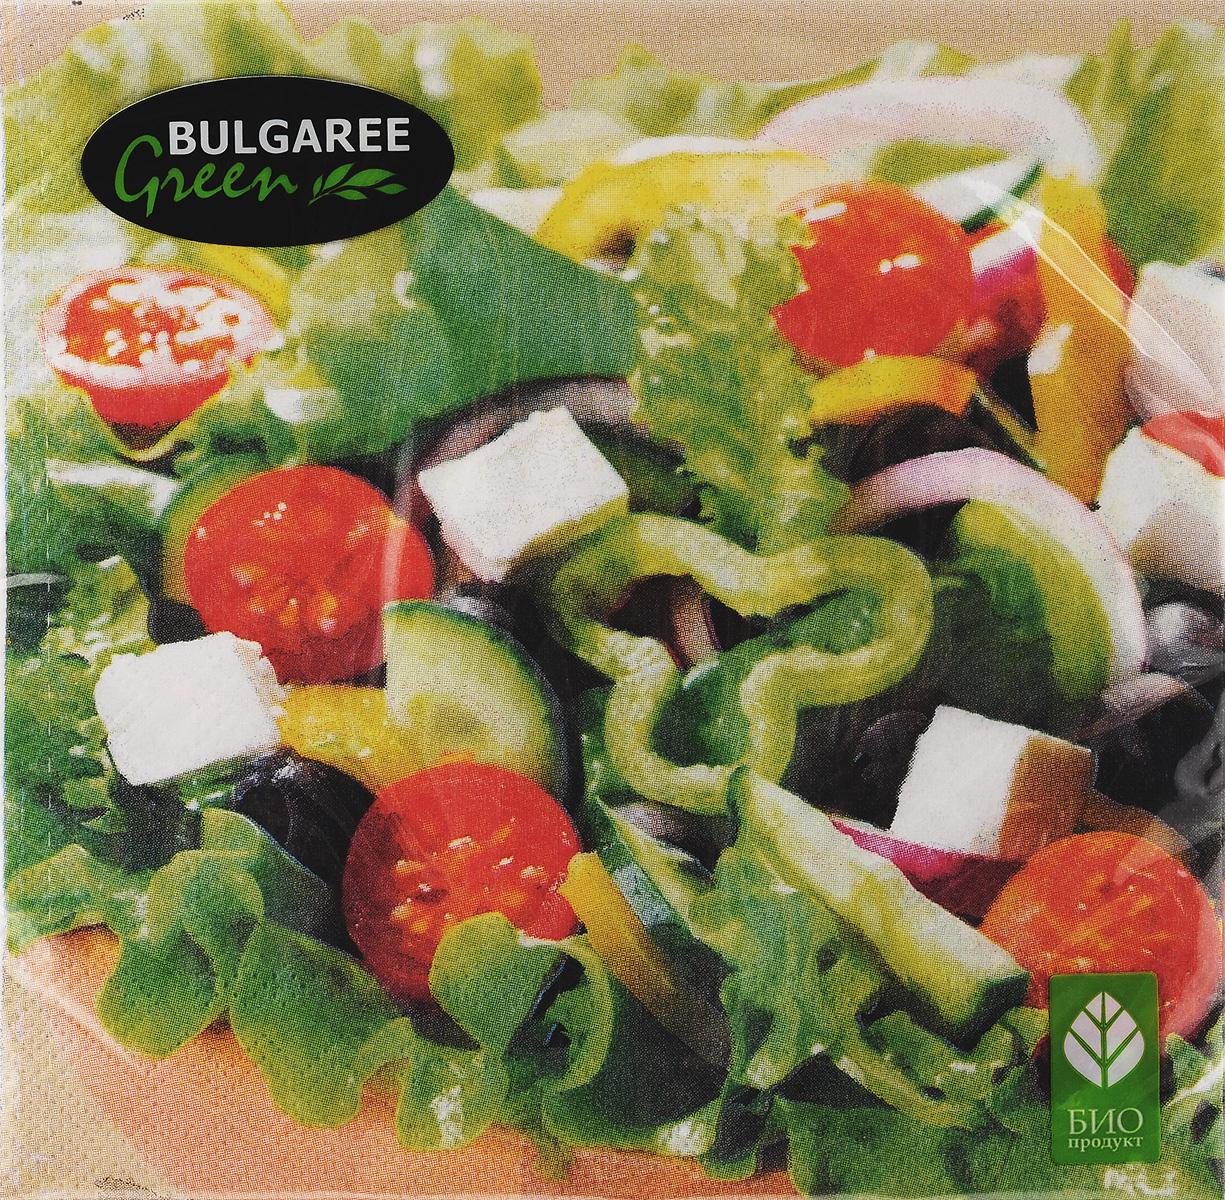 Салфетки бумажные Bulgaree Green Греческий салат, трехслойные, 33 х 33 см, 20 шт1002054Декоративные трехслойные салфетки Bulgaree Green Греческий салат выполнены из 100% целлюлозы европейского качества и оформлены ярким рисунком. Изделия станут отличным дополнением любого праздничного стола. Они отличаются необычной мягкостью, прочностью и оригинальностью. Размер салфеток в развернутом виде: 33 х 33 см.